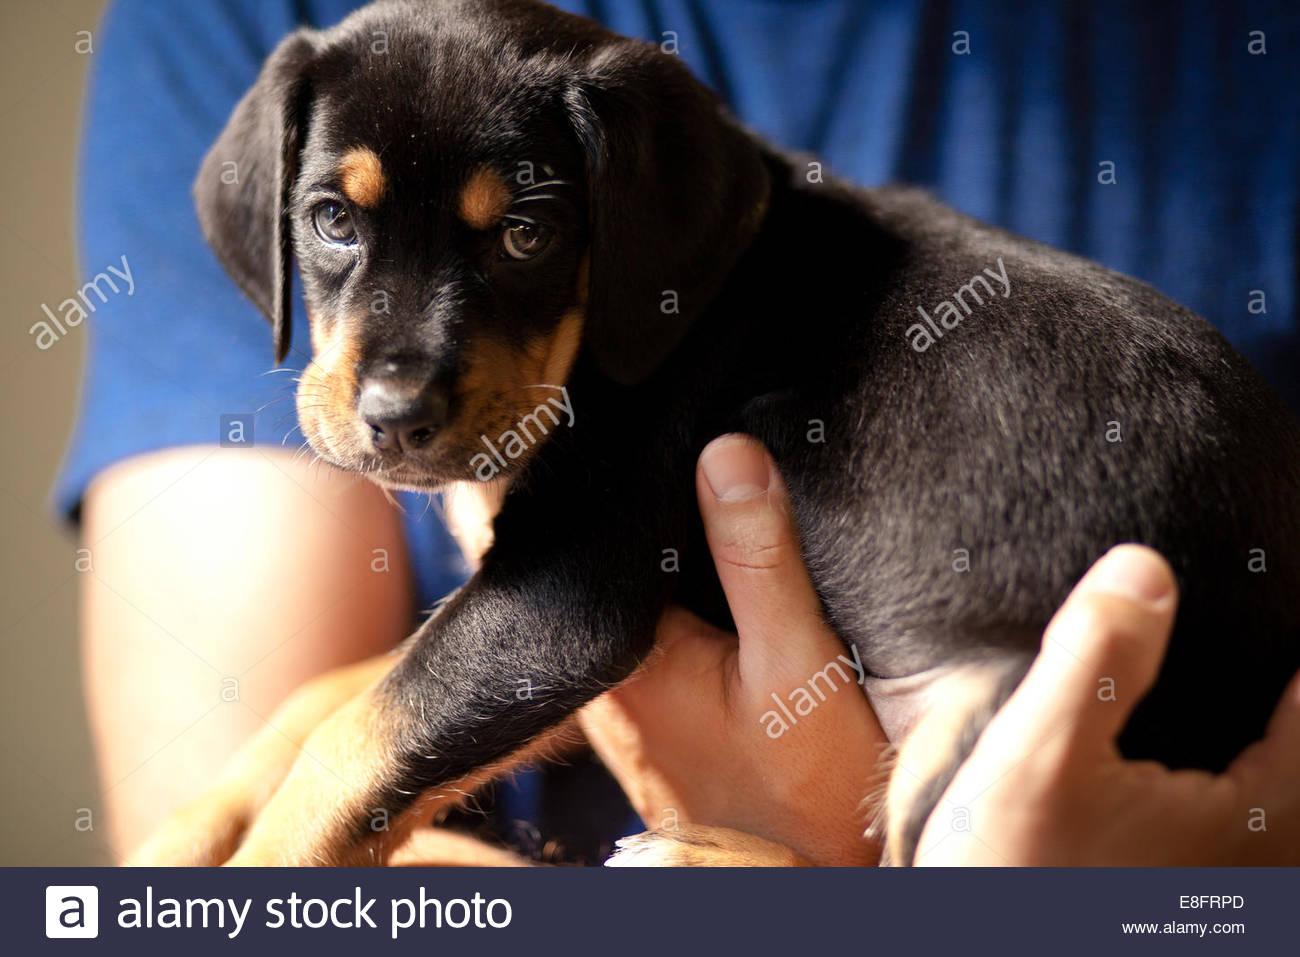 Man holding puppy dog - Stock Image